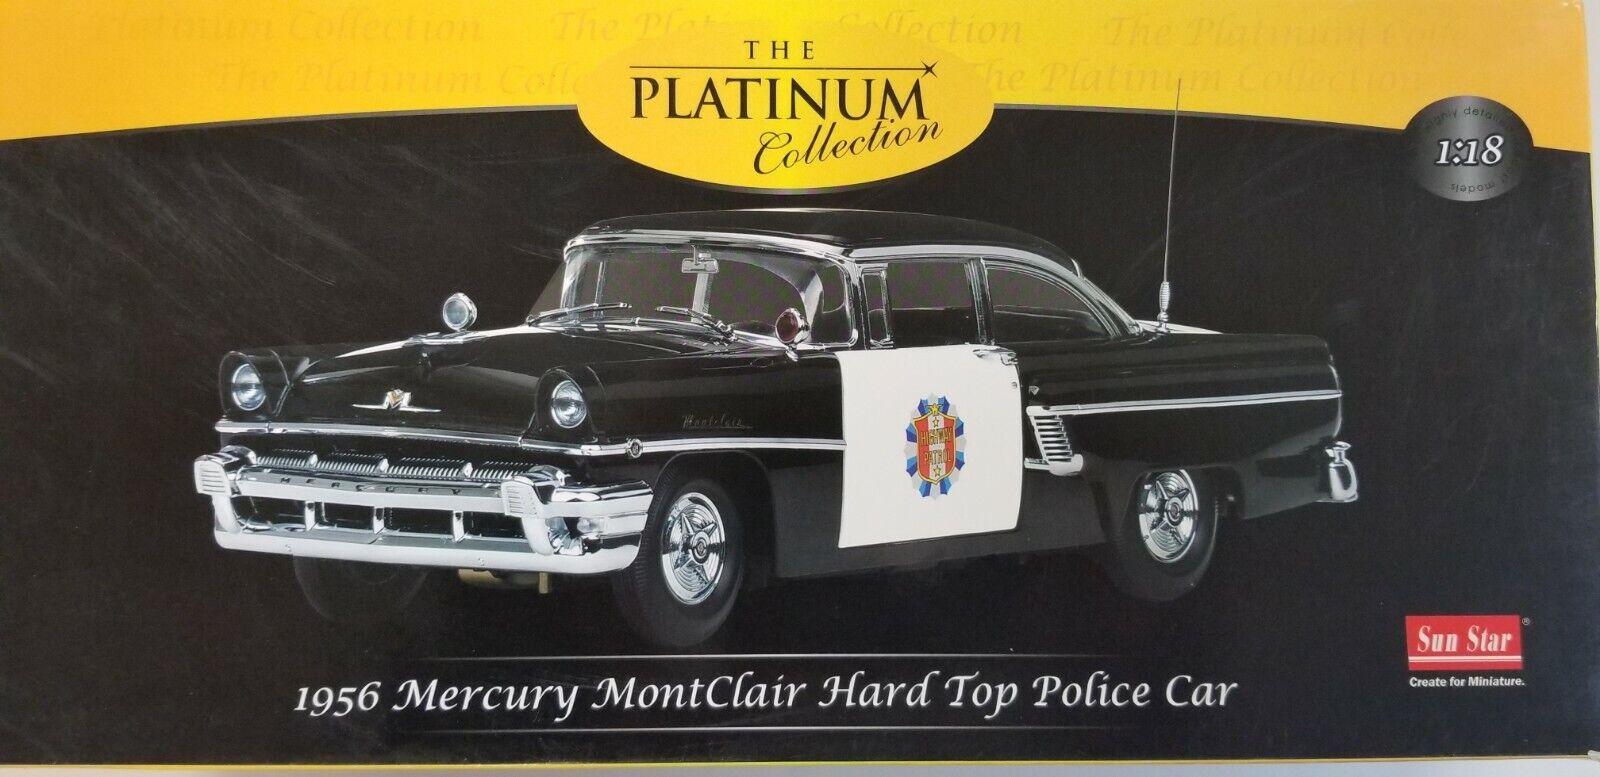 1956 Mercury Montclair Hard Top coche de policía la colección de platino